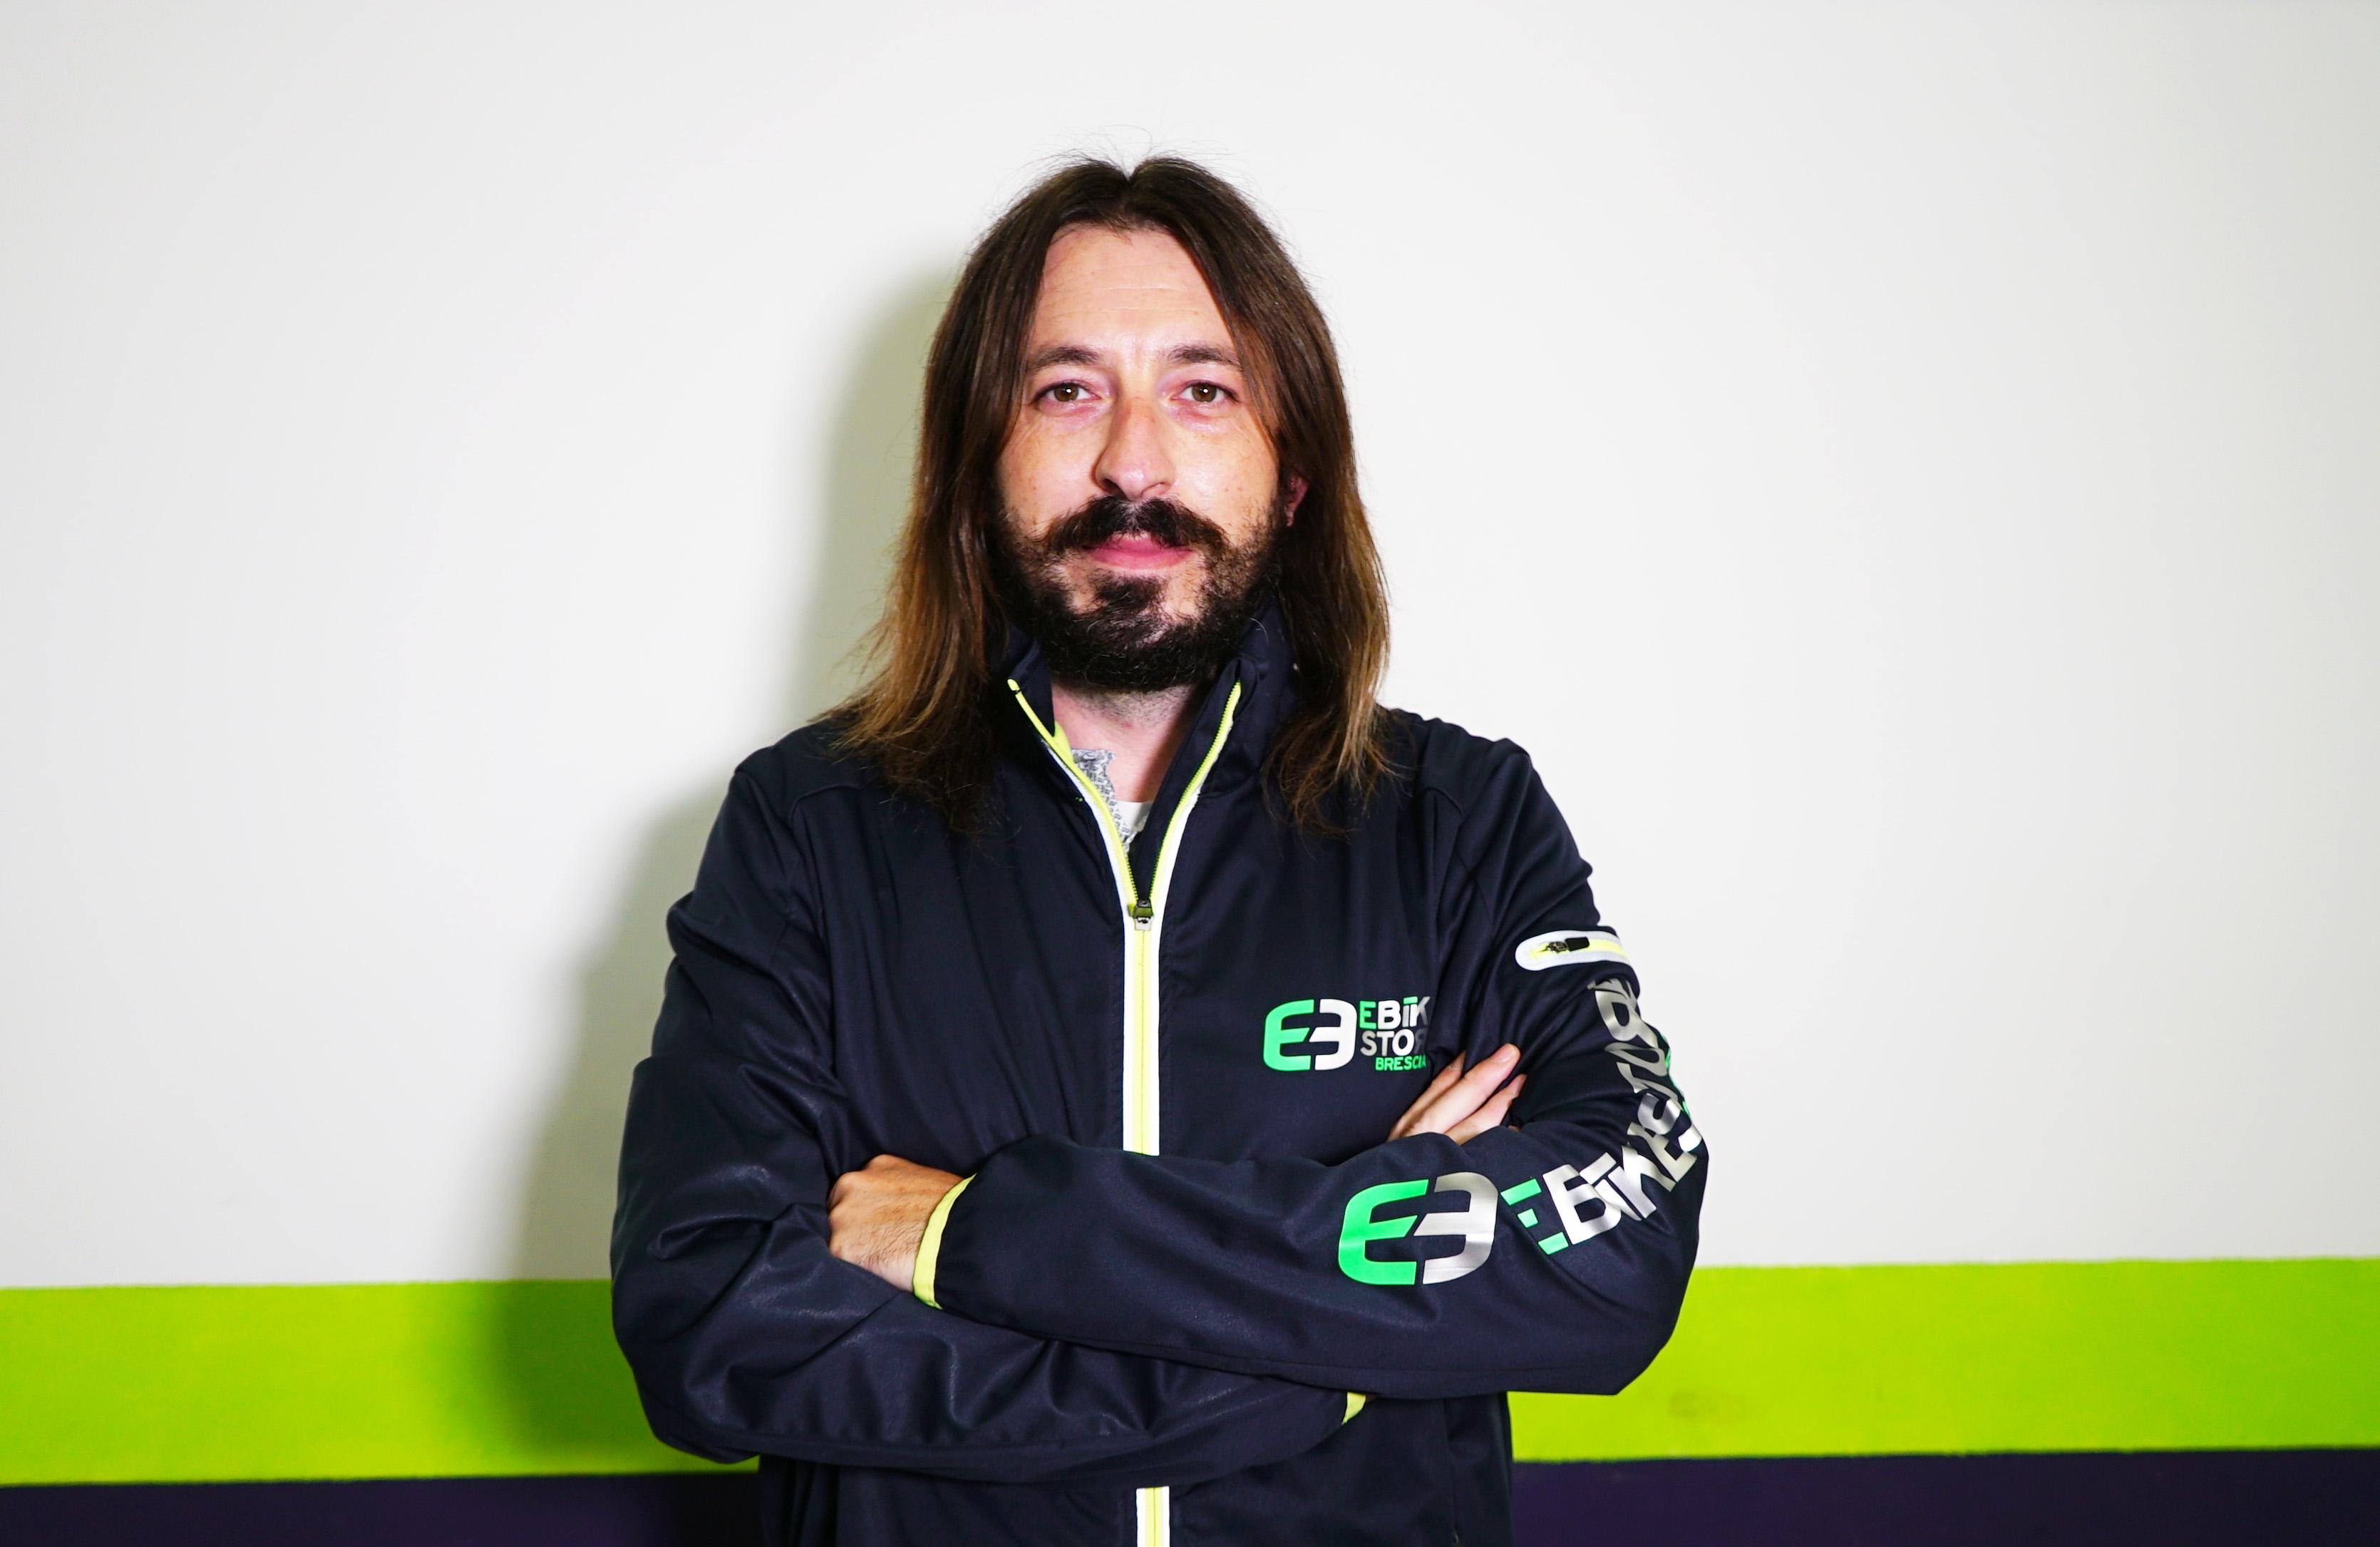 Gianluca Gilberti